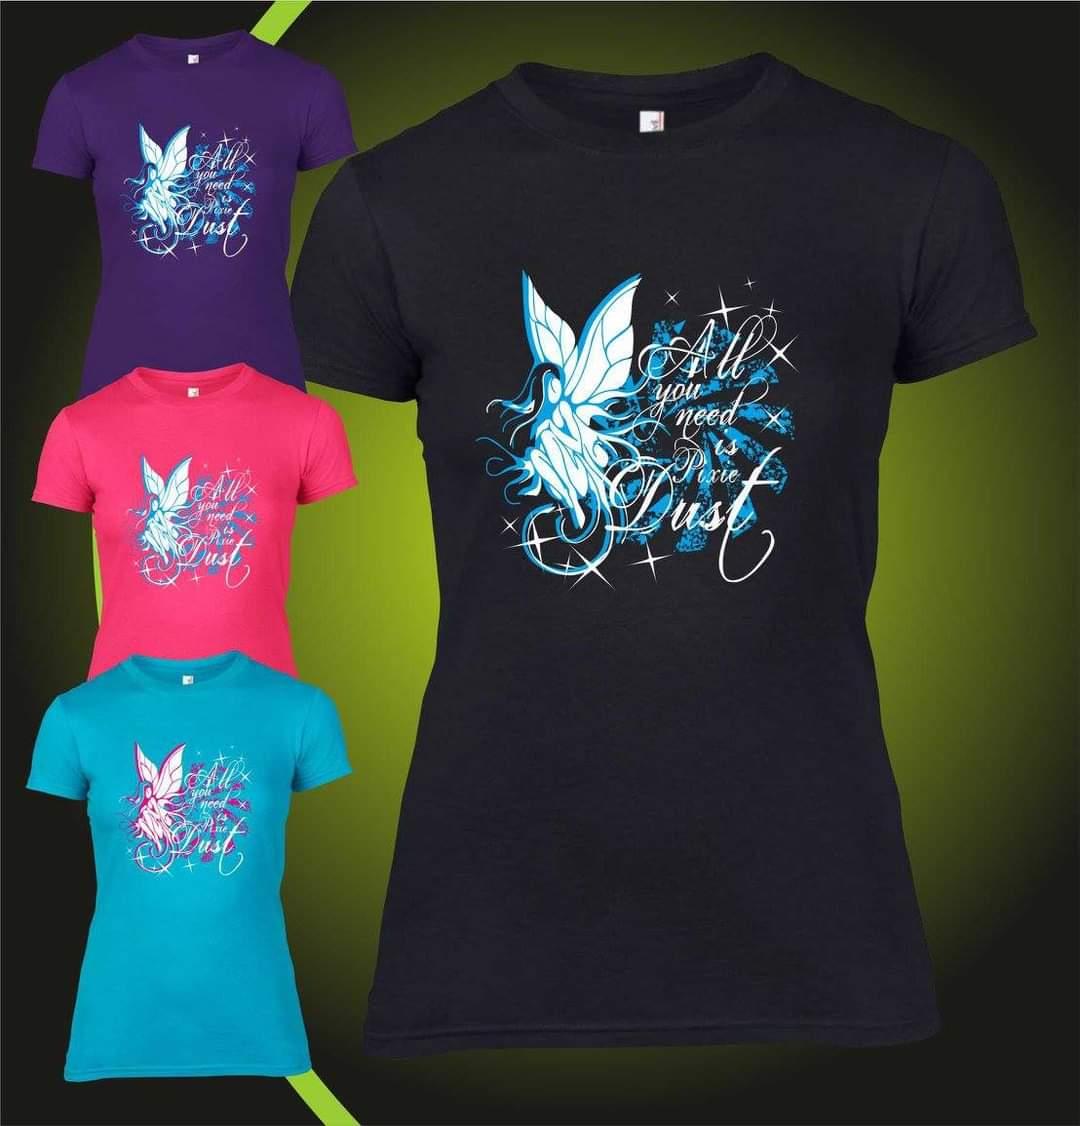 TINY Gecko  Creative designs your way #87RT #SocialTrend #ATSocialMedia #UKSmallBiz #flockBN #smallbizuk #ukbiz #tshirtdesign #smallbusines #tshirtdesigner #graphictshirt #funnytshirt #printedtshirt #tshirtprint #customprints #teeshirt #tshirtbusiness #tees #tshirts https://t.co/5qsVtWOLSp